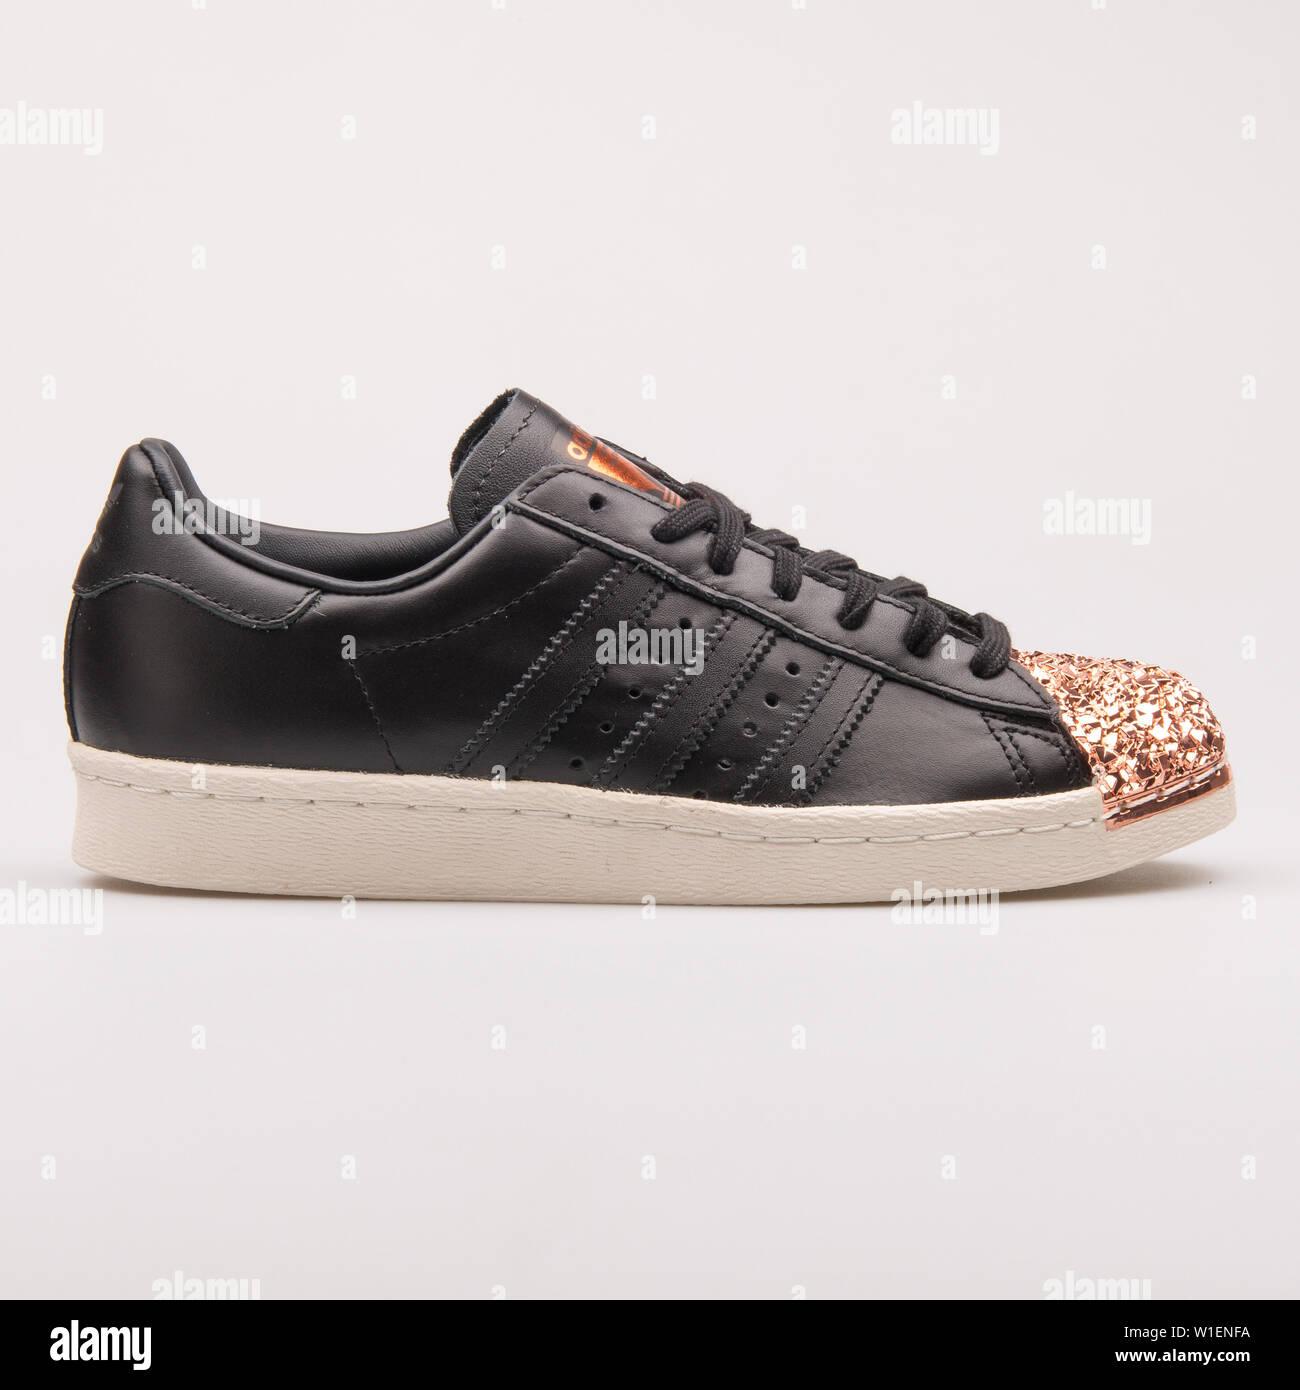 Suchergebnis auf für: adidas kupfer schwarz